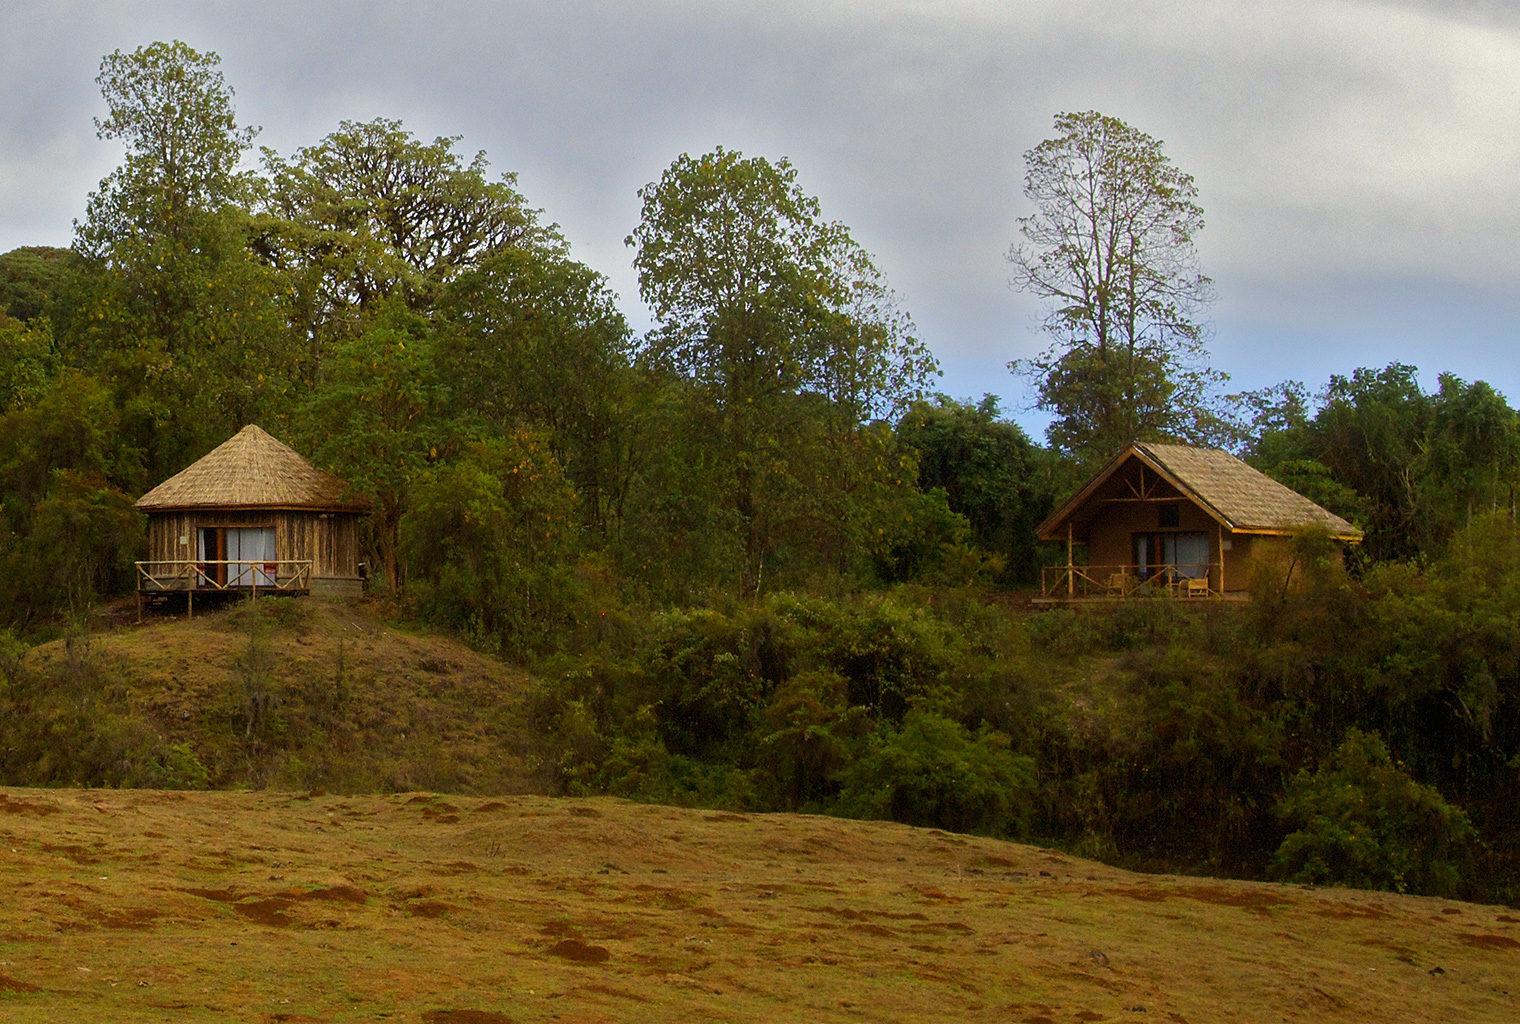 Bale-Mountain-Lodge-Ethiopia-Exterior-Houses